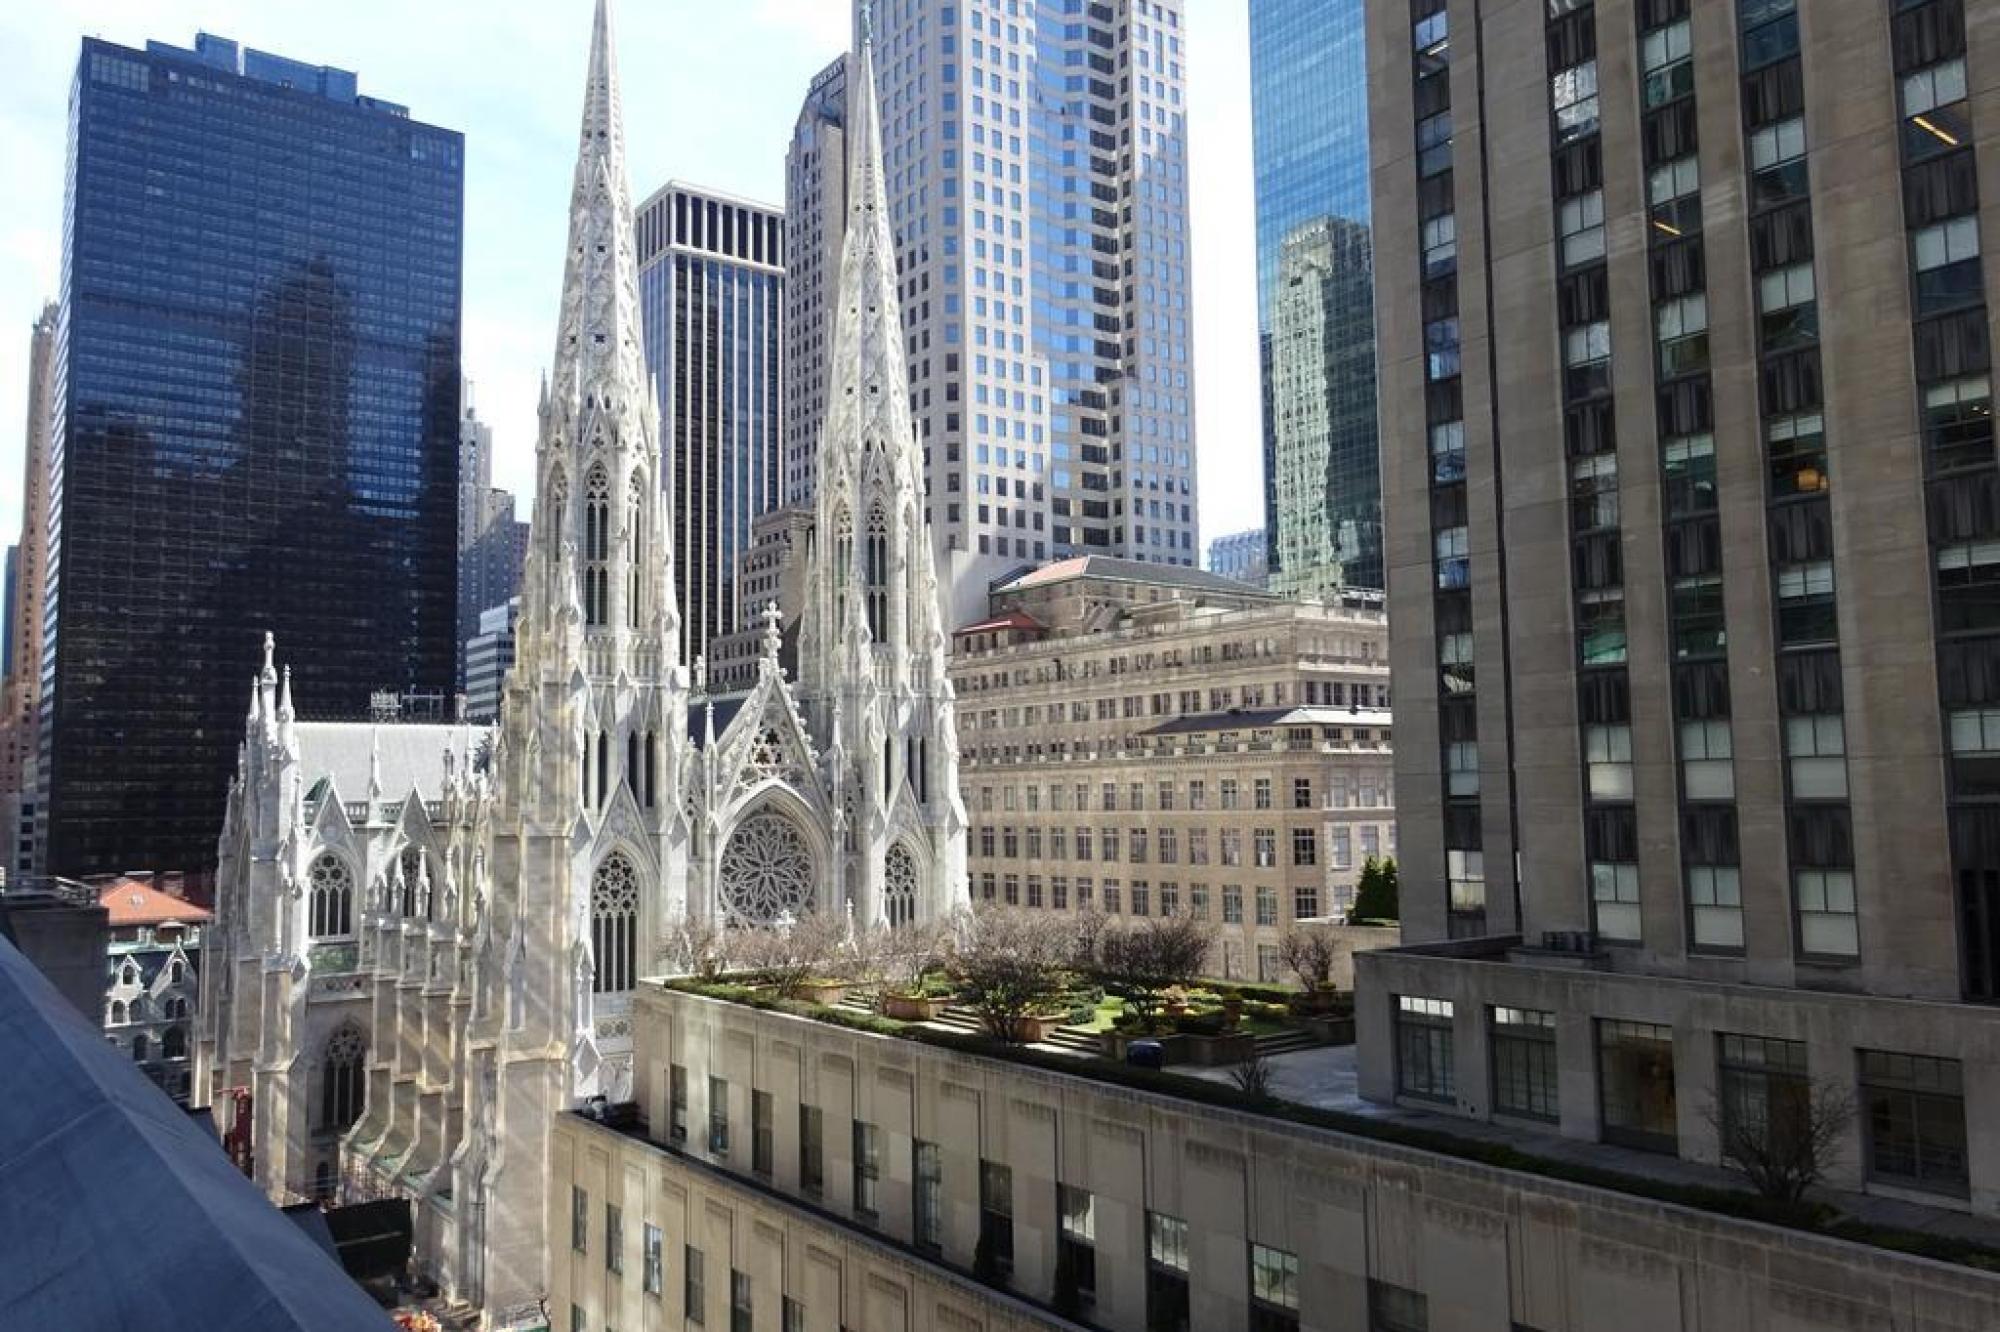 loft-terrace-proposal-idea-new-york.jpeg